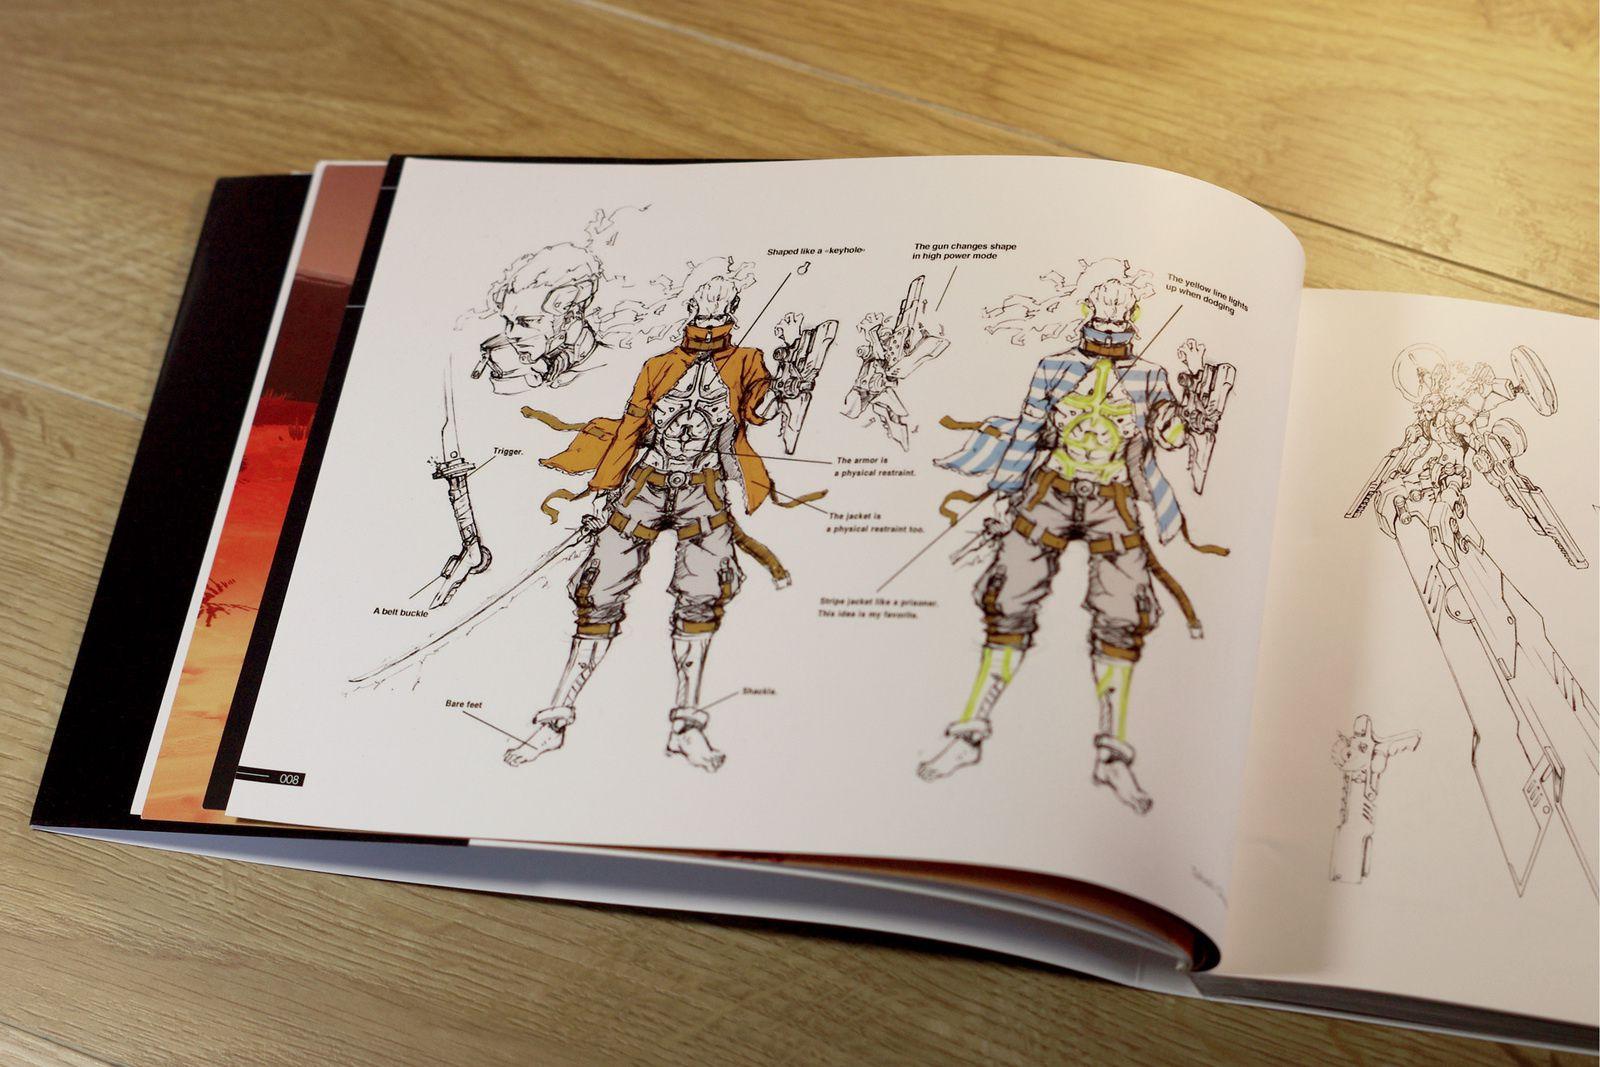 Extraits de l'artbook FURI COMPLETE ARTWORKS distribué par THE GAME BAKERS